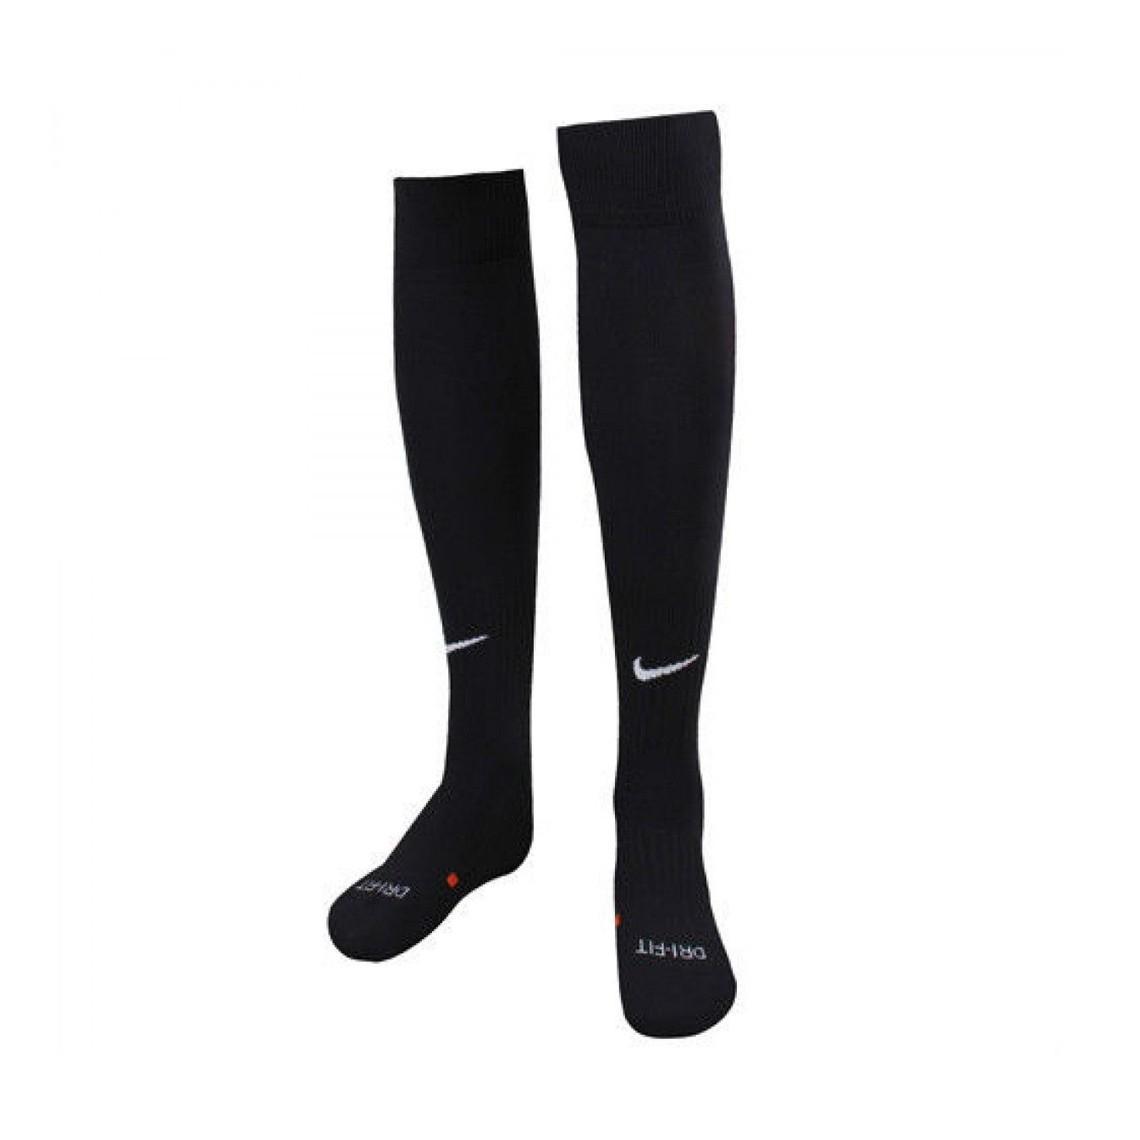 Nike Academy Ftbll Df Sock Kaos Kaki Olahraga Sepakbola Pria - Black (White) 442c17fe6f